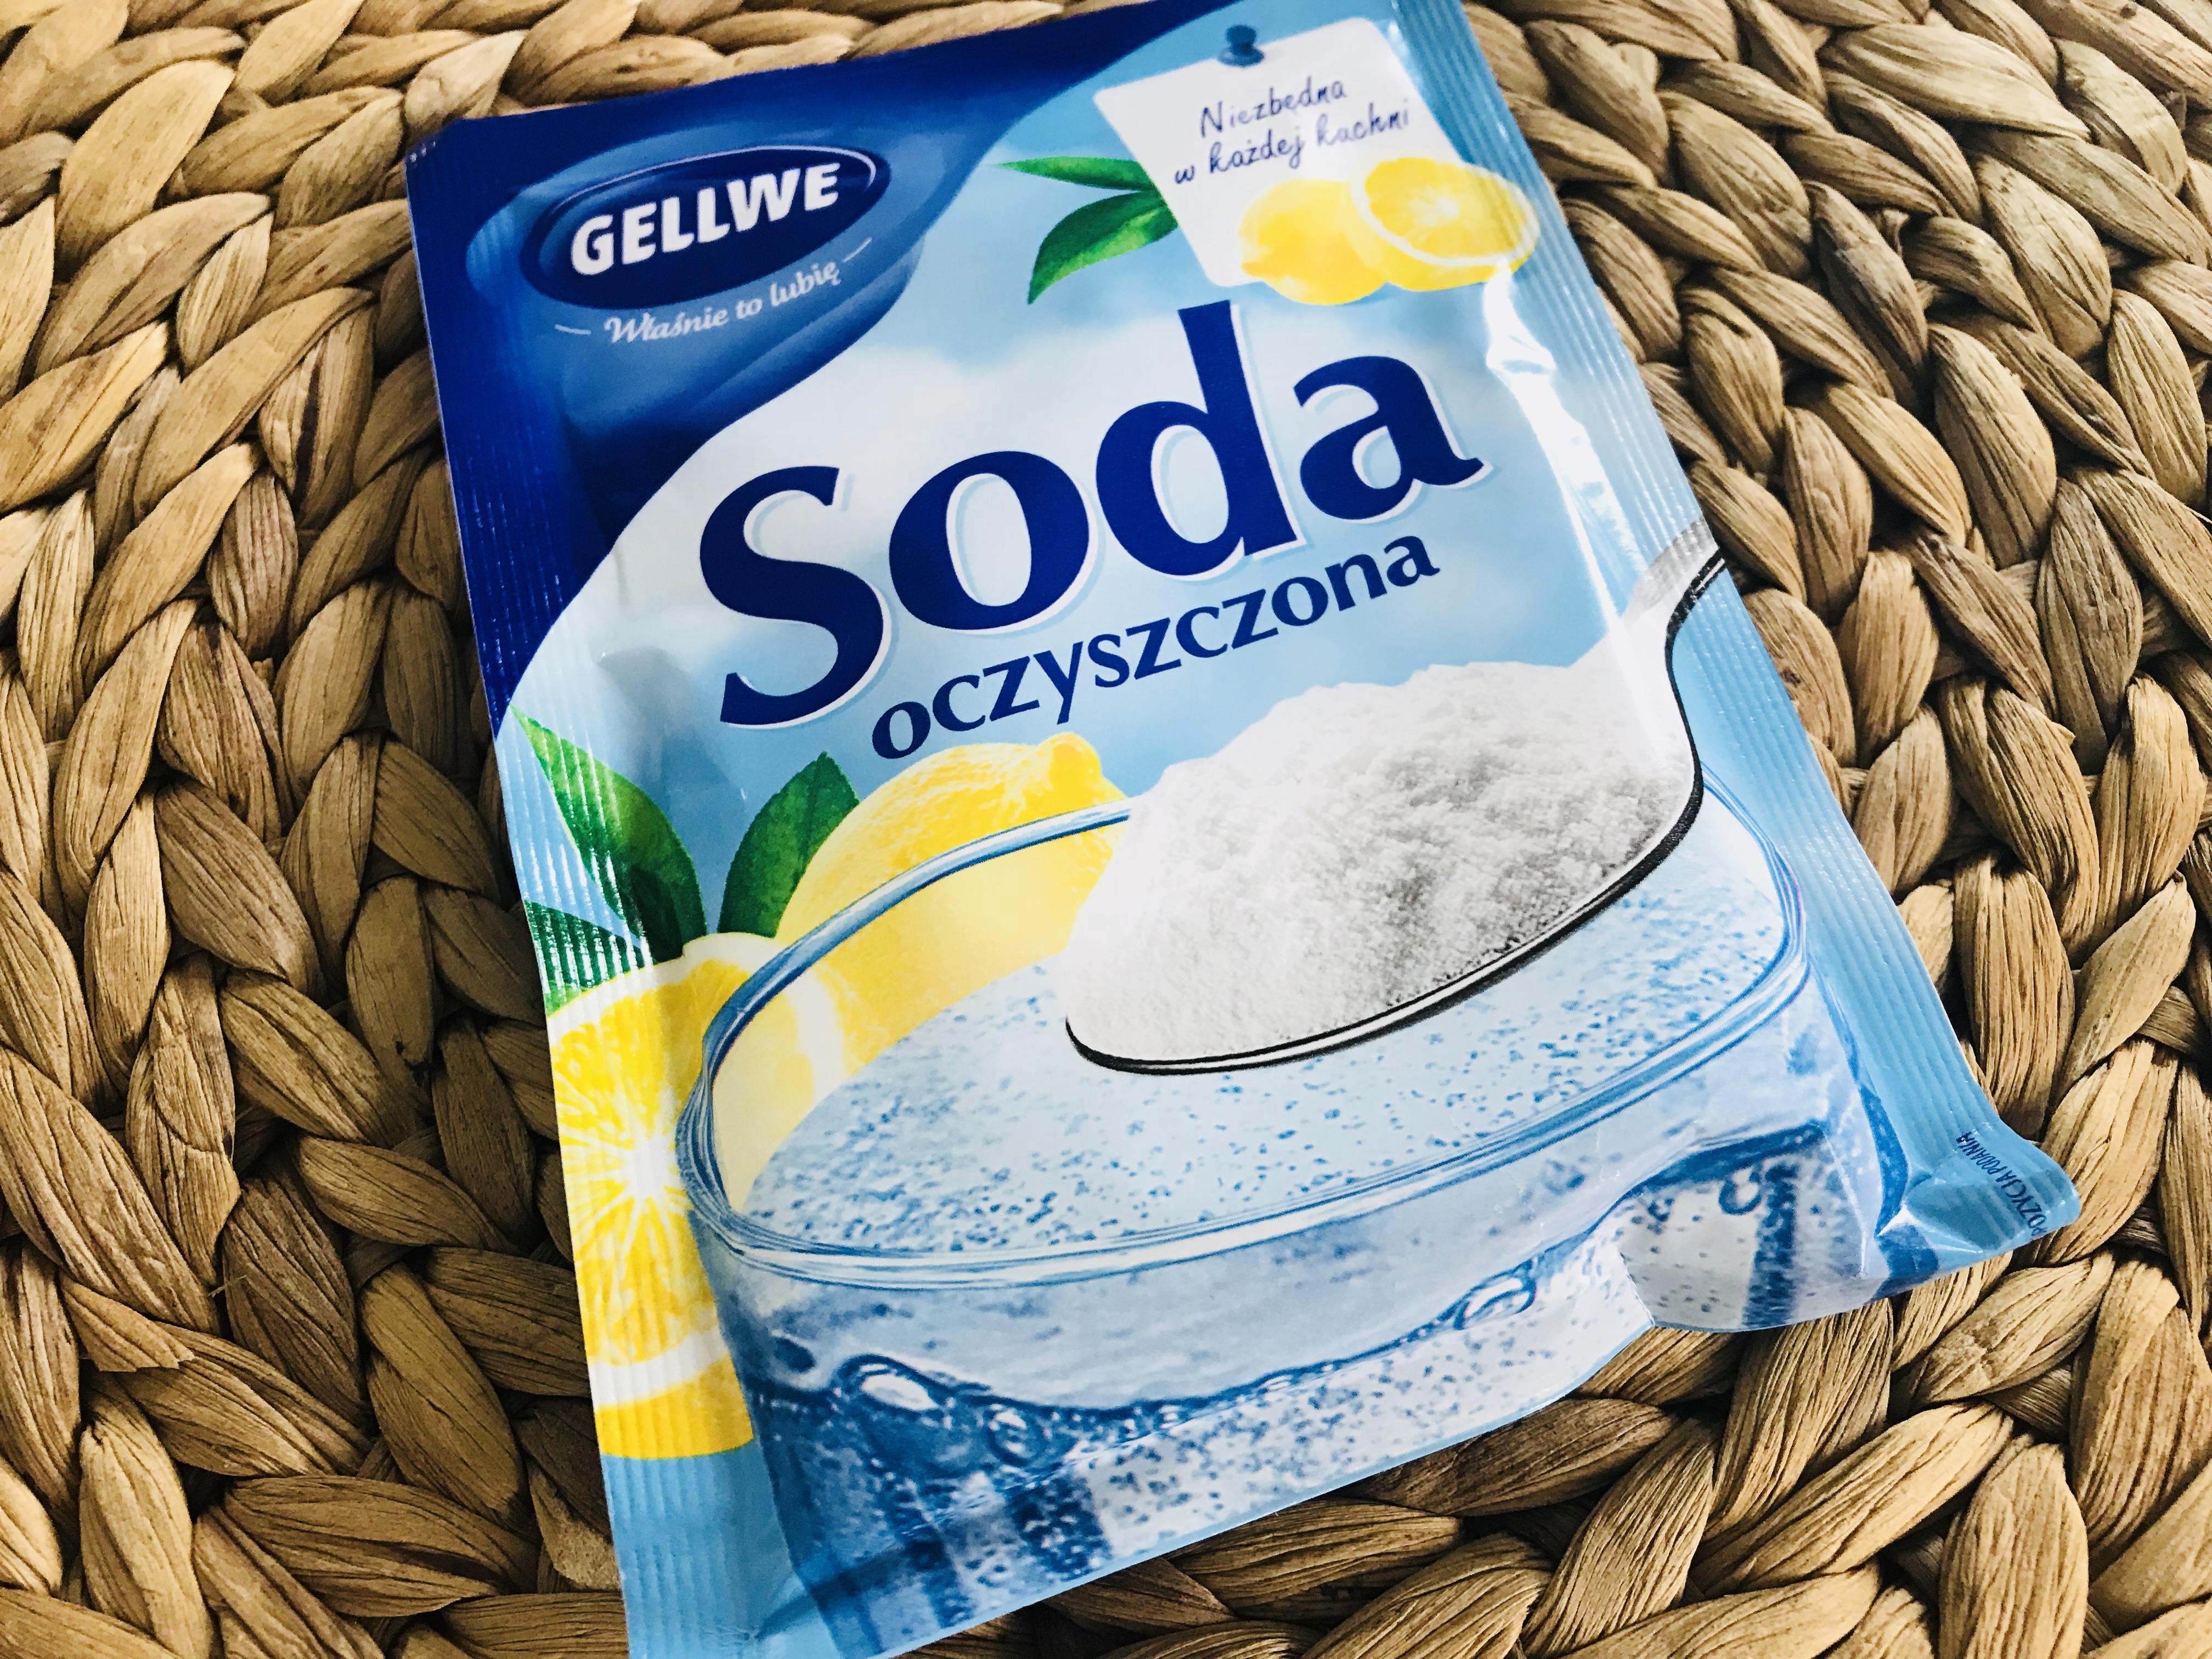 Soda dobra na wszystko! Udrażnianie rur.